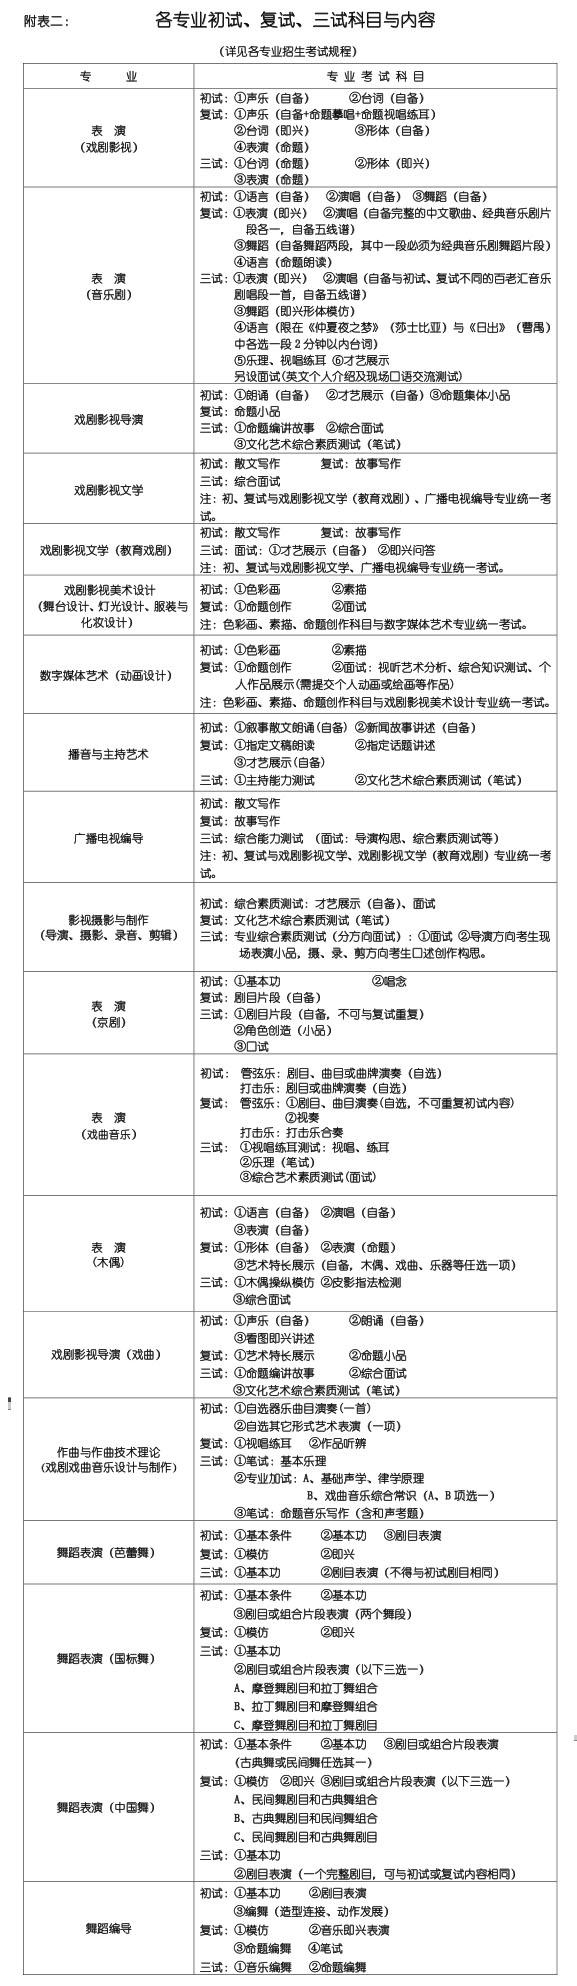 上海戏剧学院05